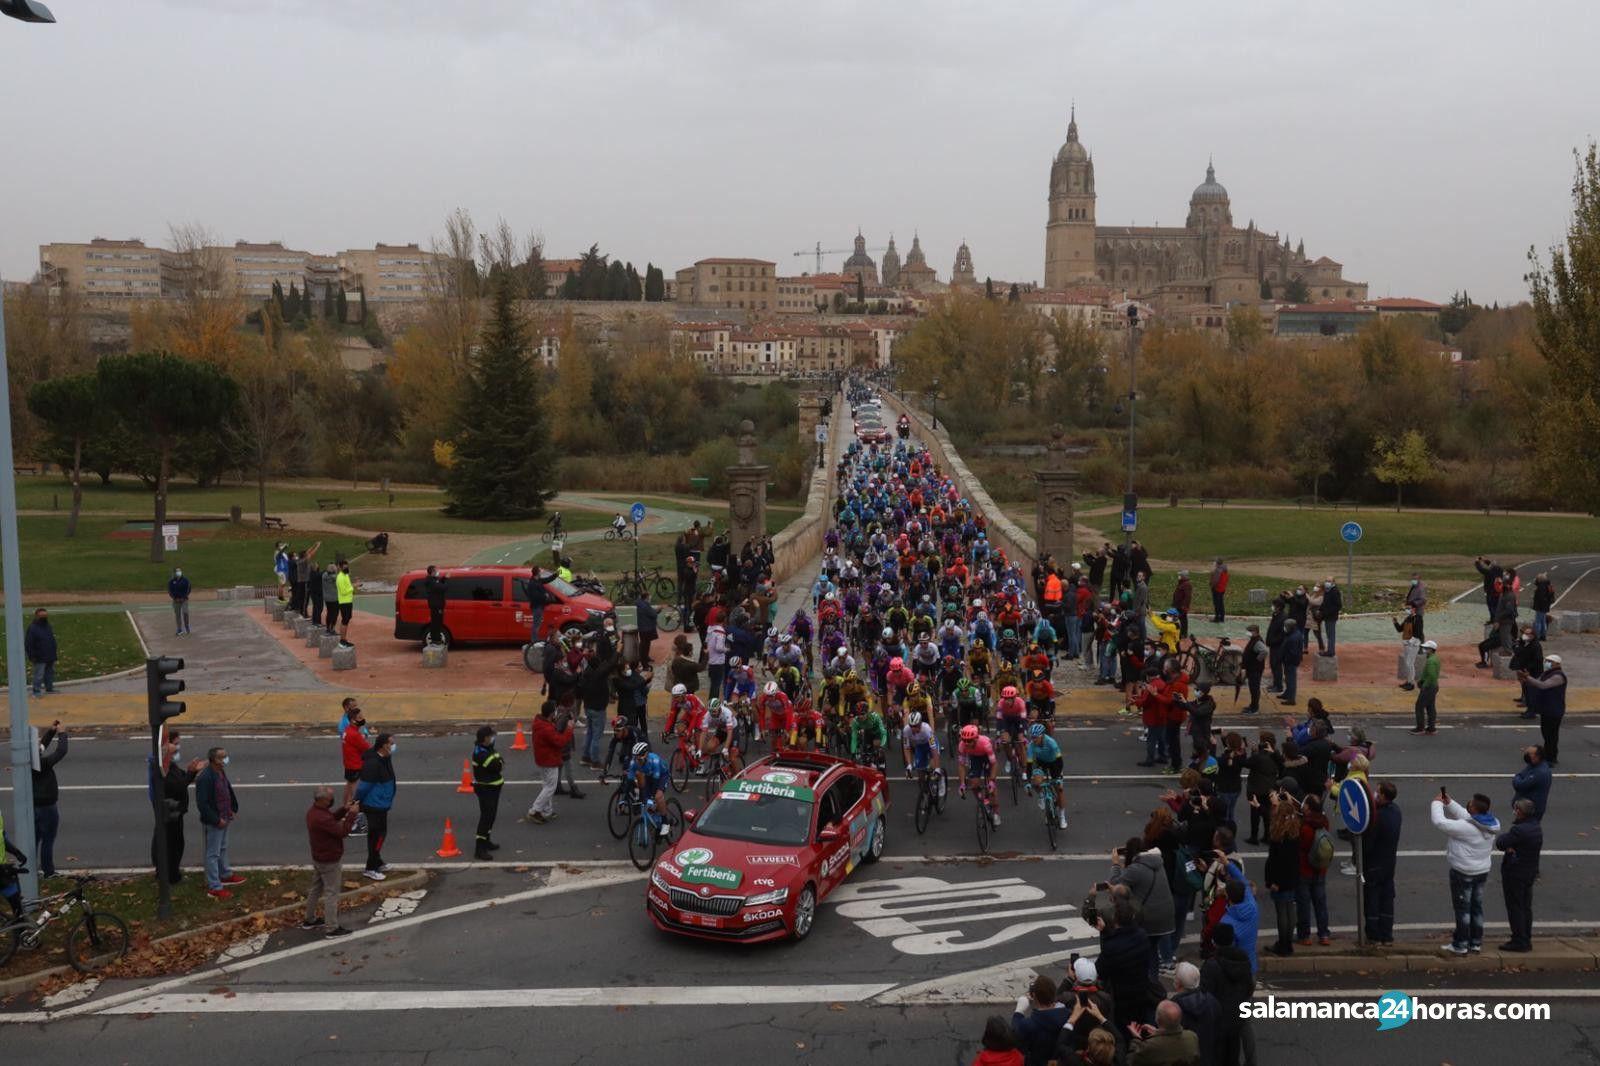 La vuelta ciclista puente romano  (7)